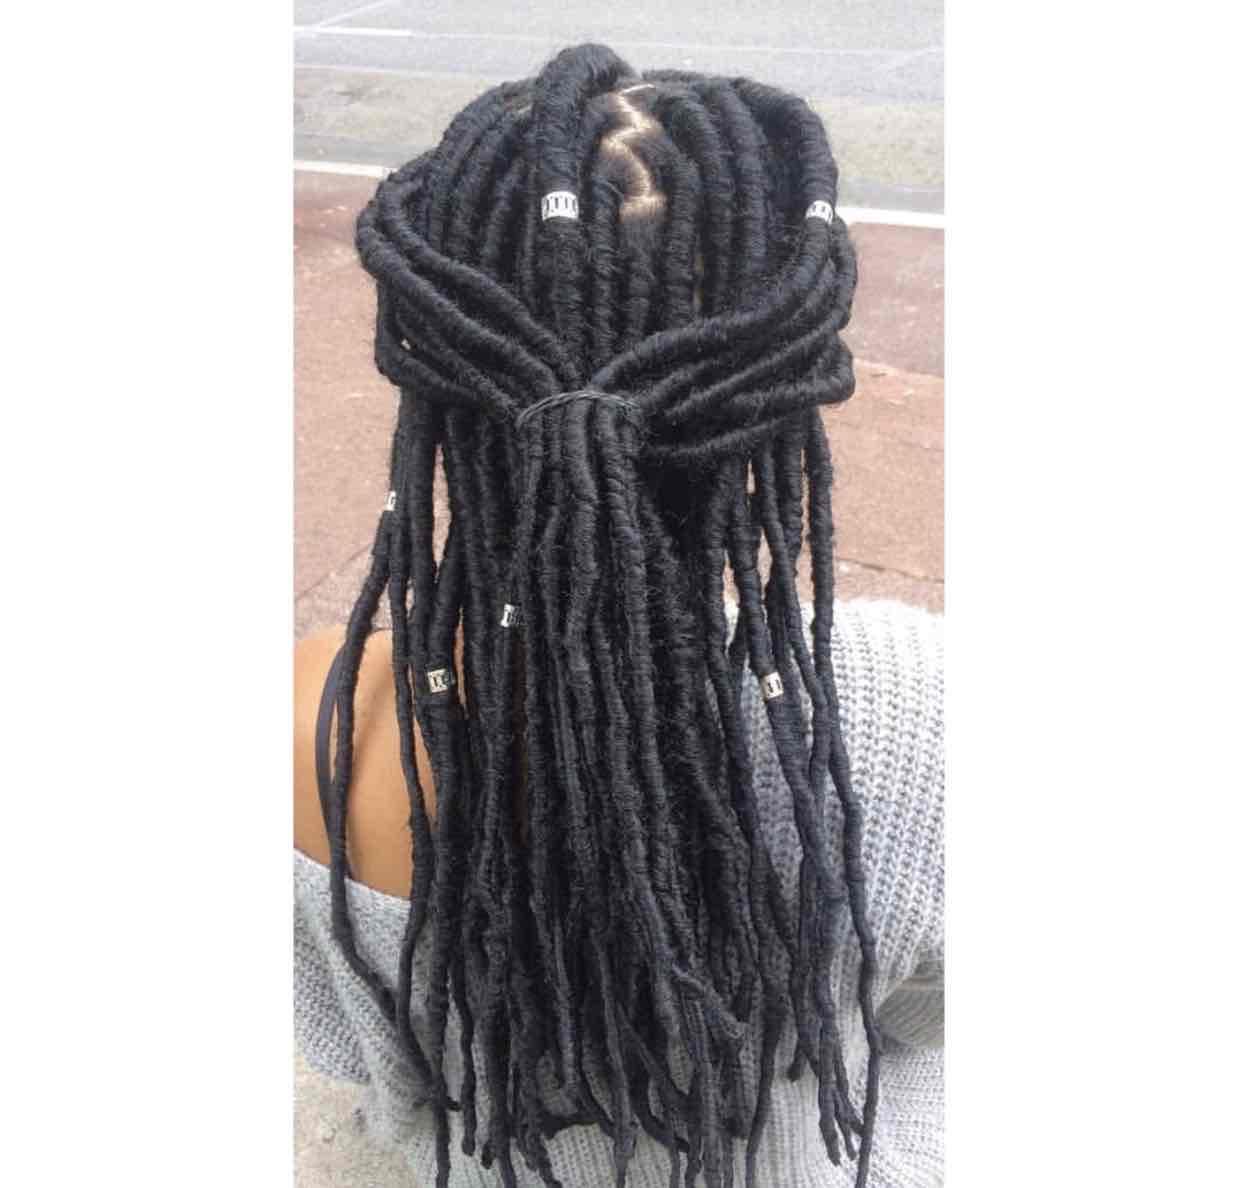 salon de coiffure afro tresse tresses box braids crochet braids vanilles tissages paris 75 77 78 91 92 93 94 95 MVBHCKVN